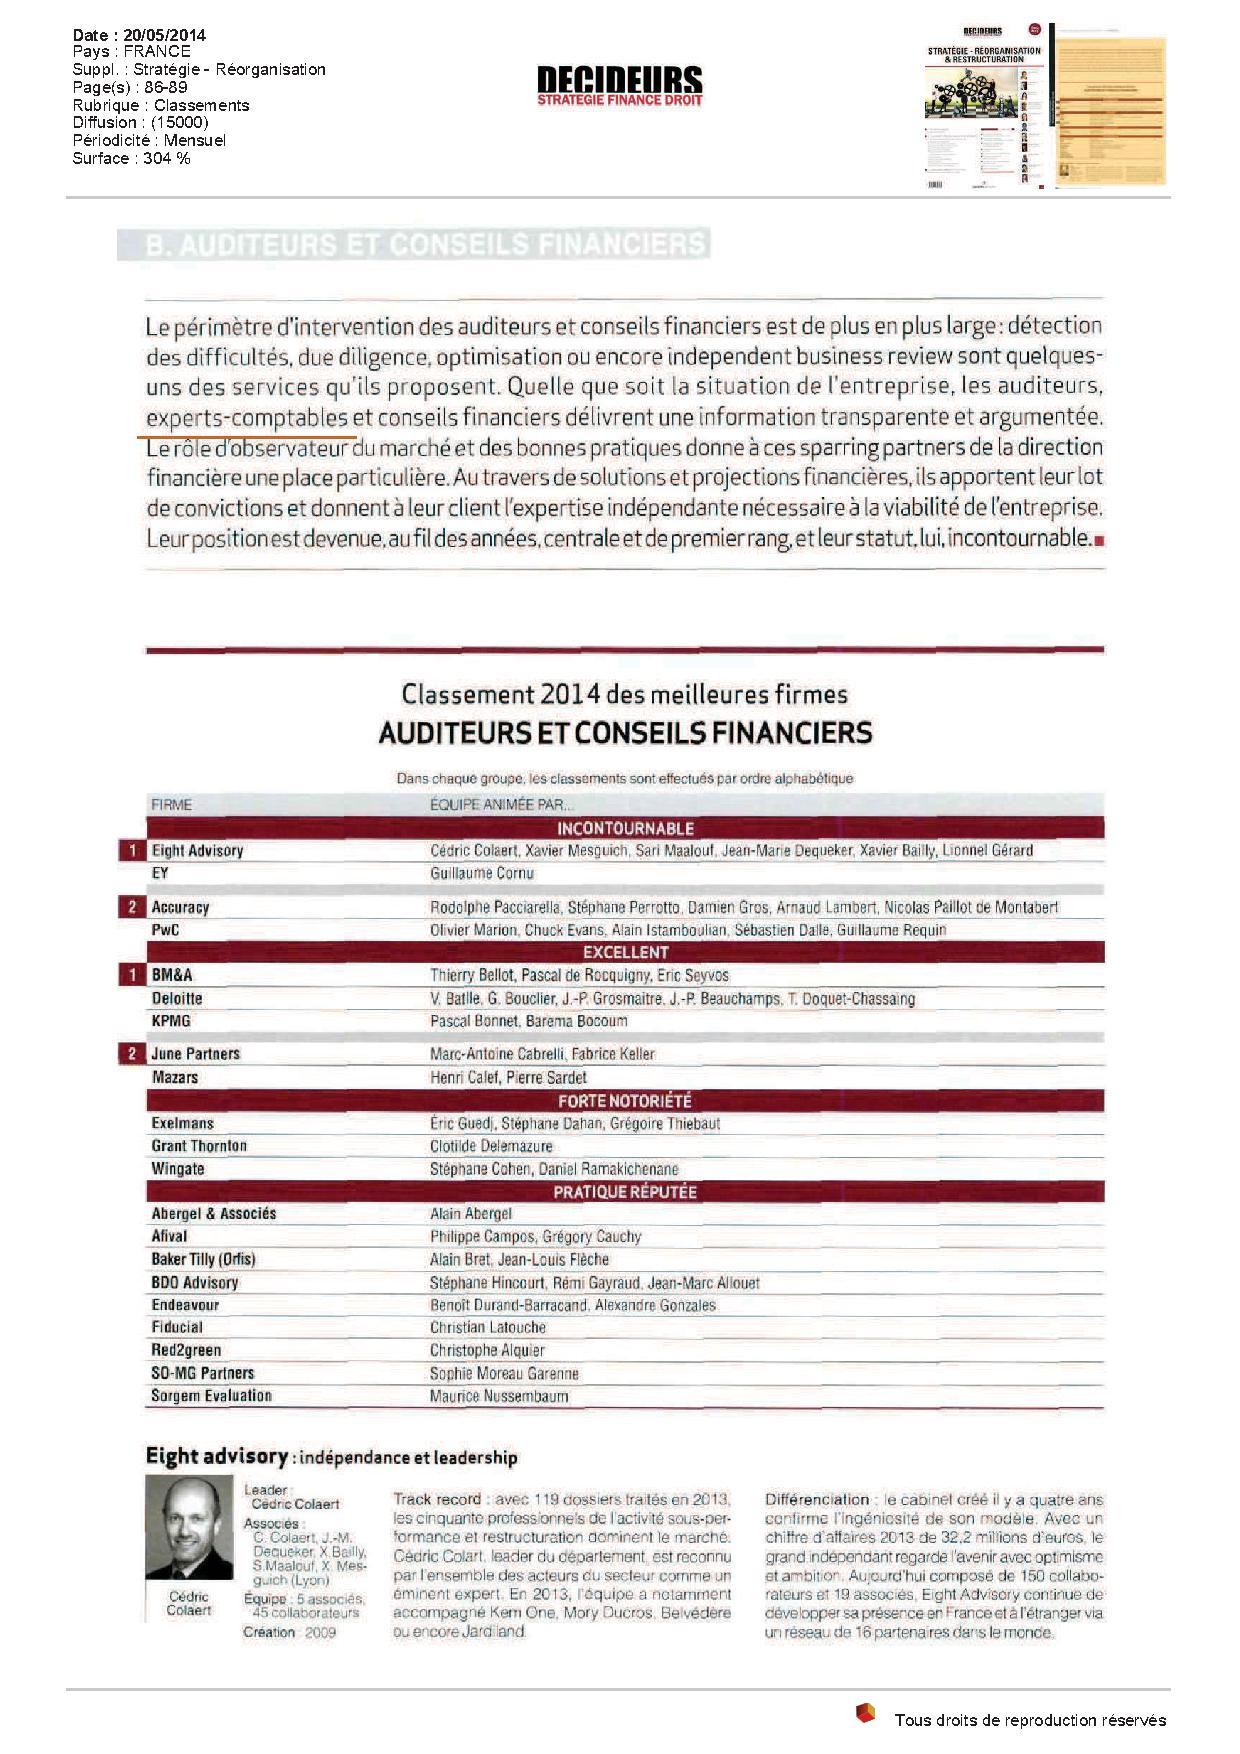 afival dans le classement des meilleures firmes d audit et conseil financier leaders league